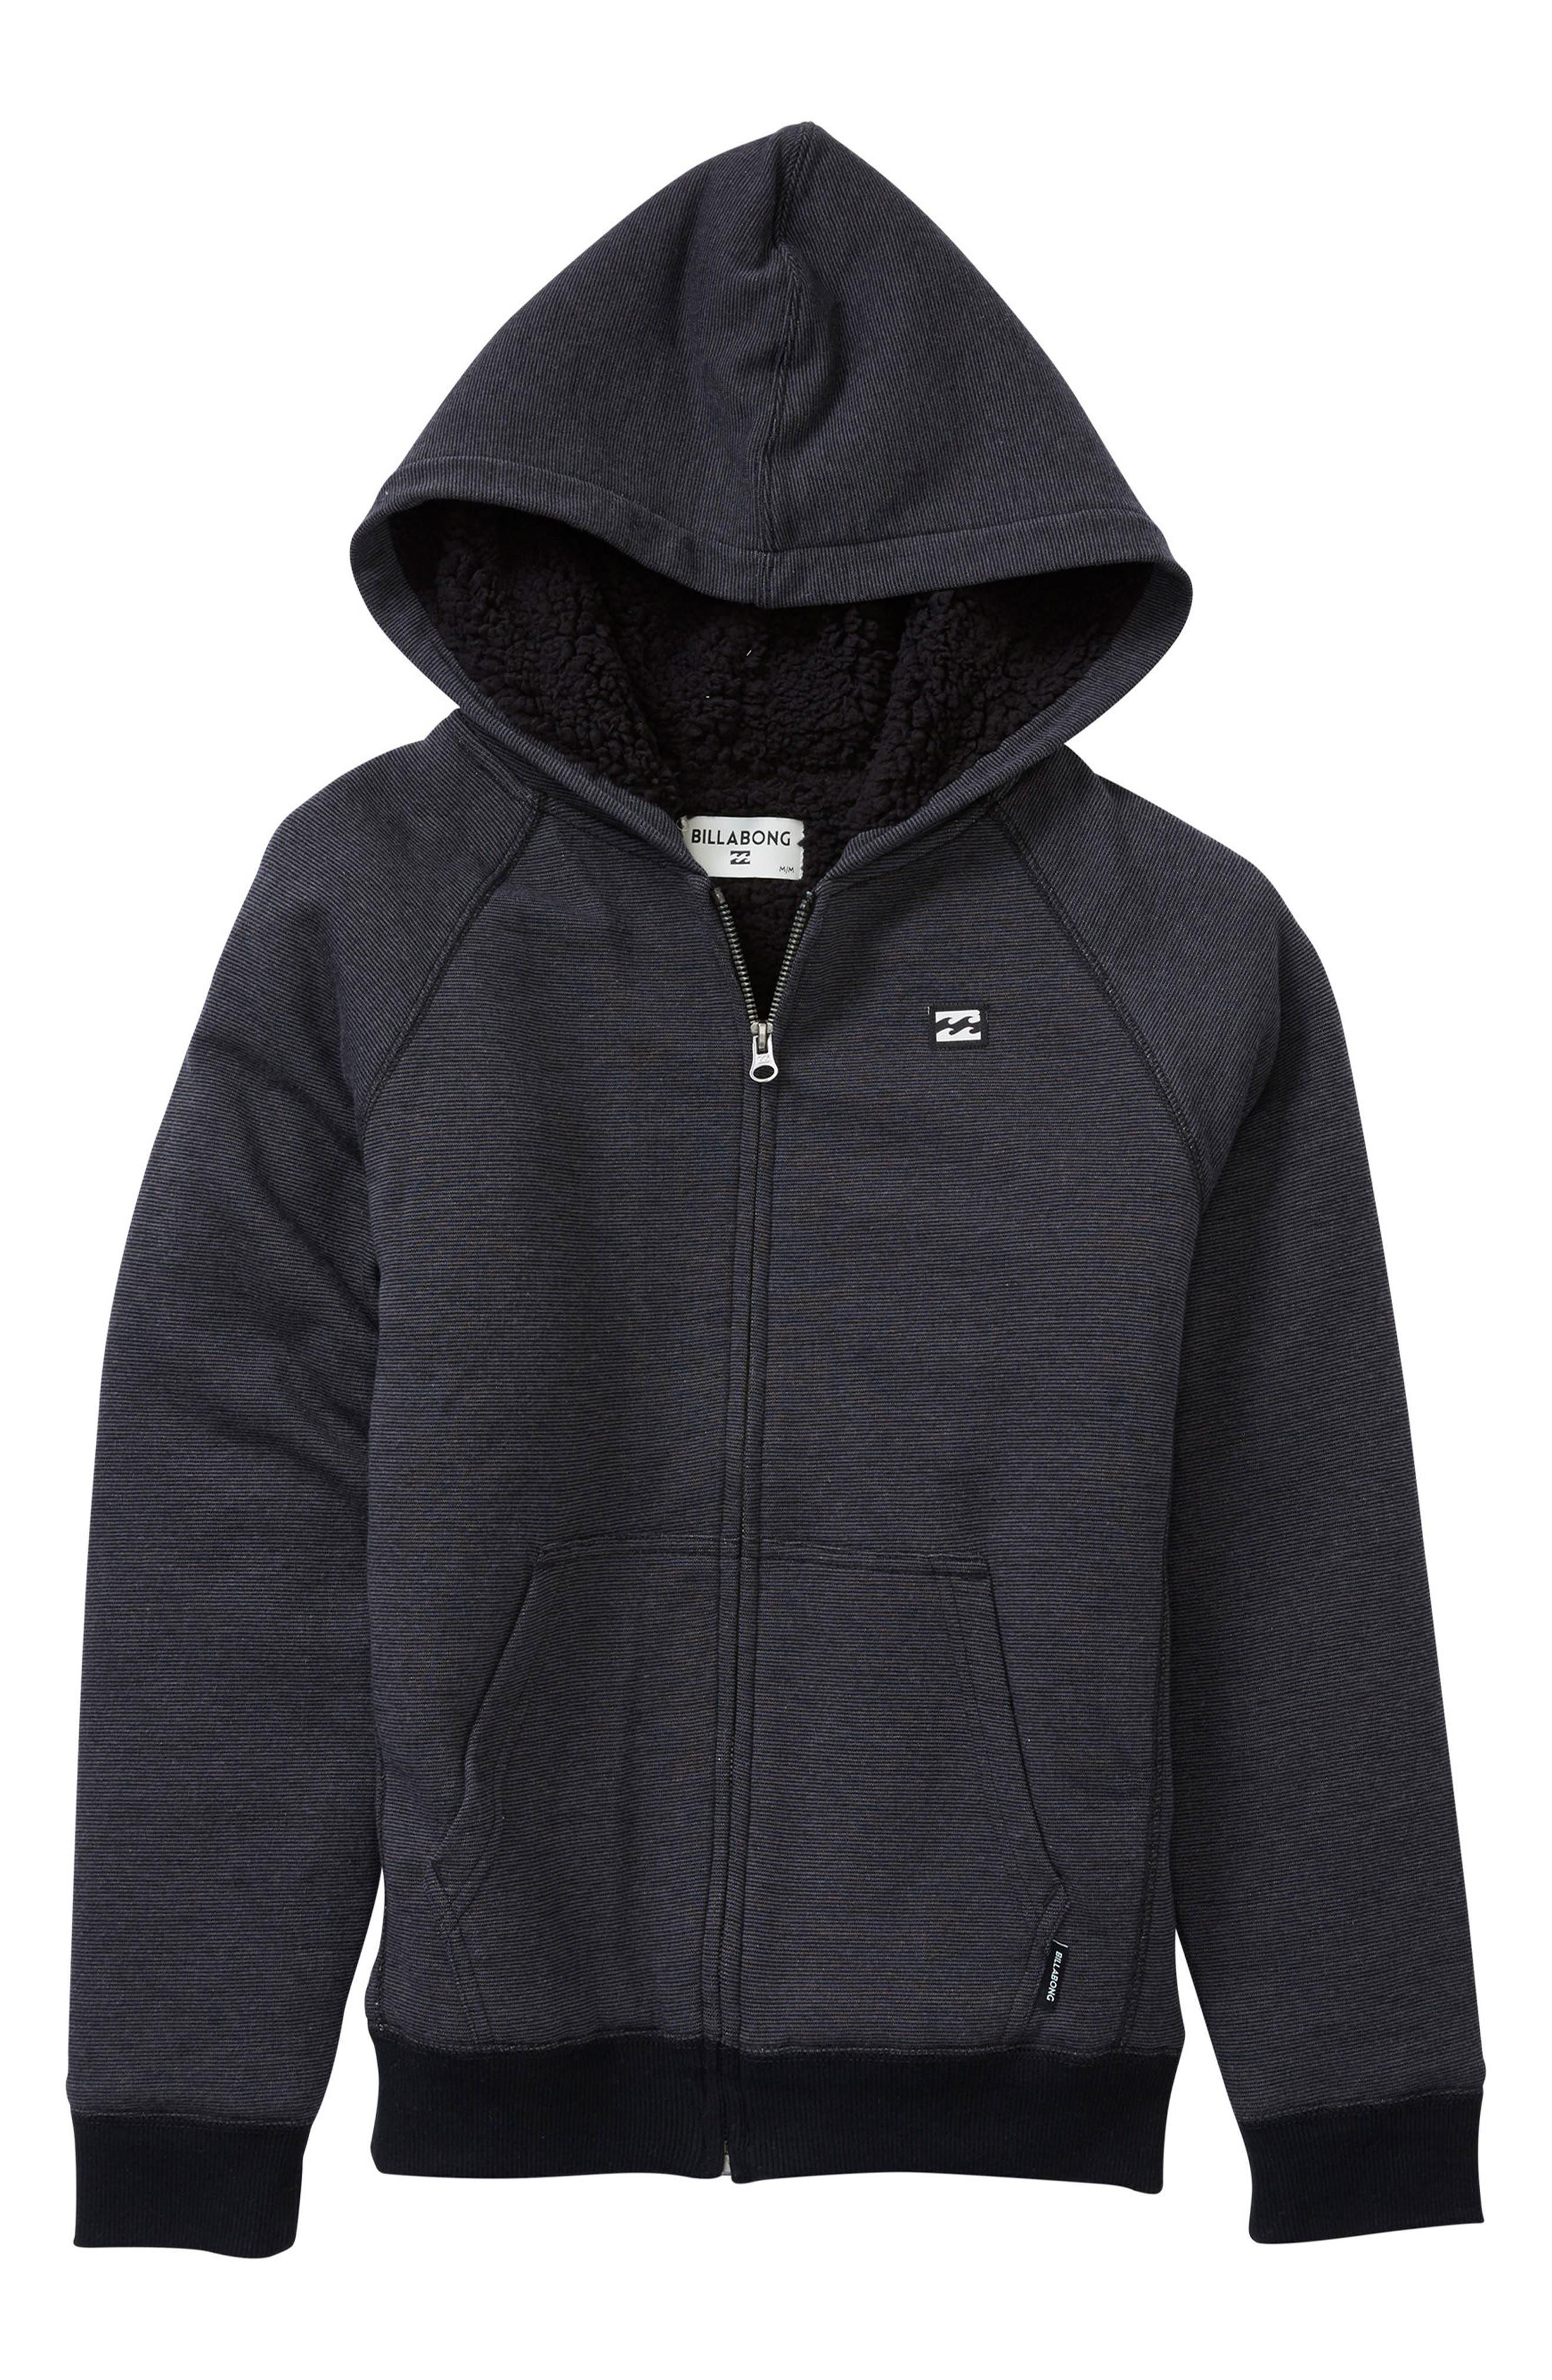 Balance Fleece Lined Zip Hoodie,                         Main,                         color, Black Heather